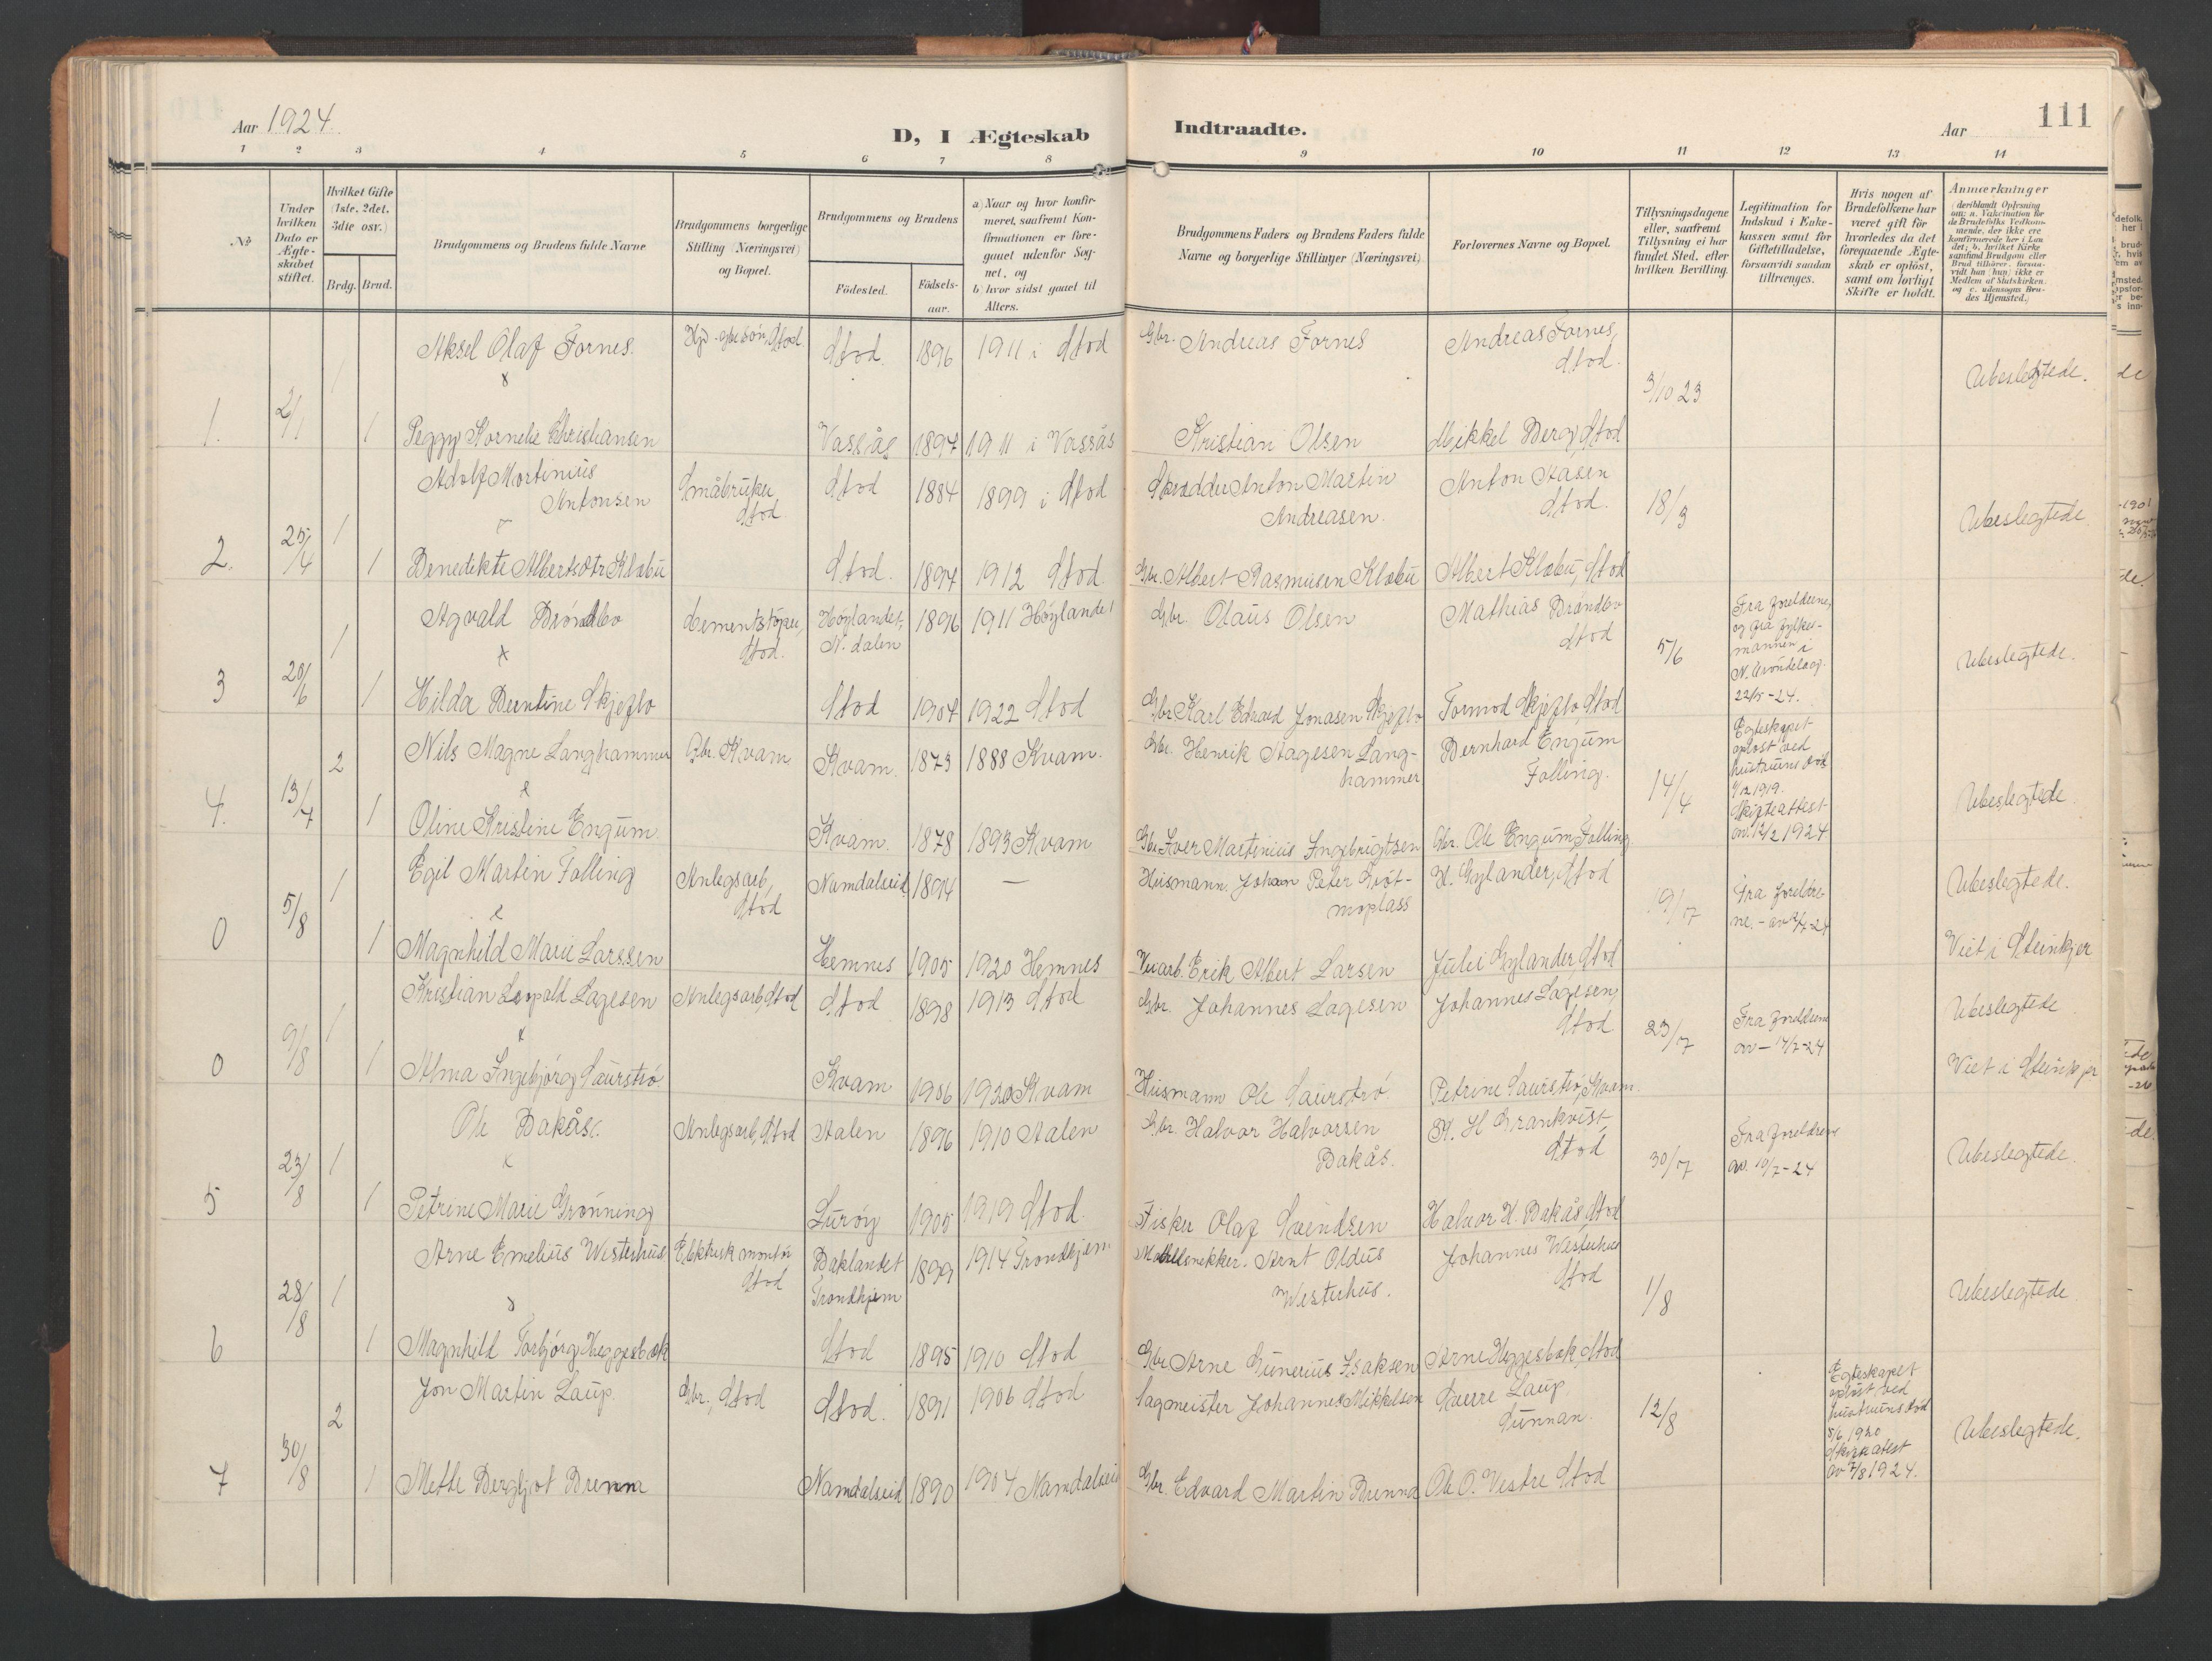 SAT, Ministerialprotokoller, klokkerbøker og fødselsregistre - Nord-Trøndelag, 746/L0455: Klokkerbok nr. 746C01, 1908-1933, s. 111